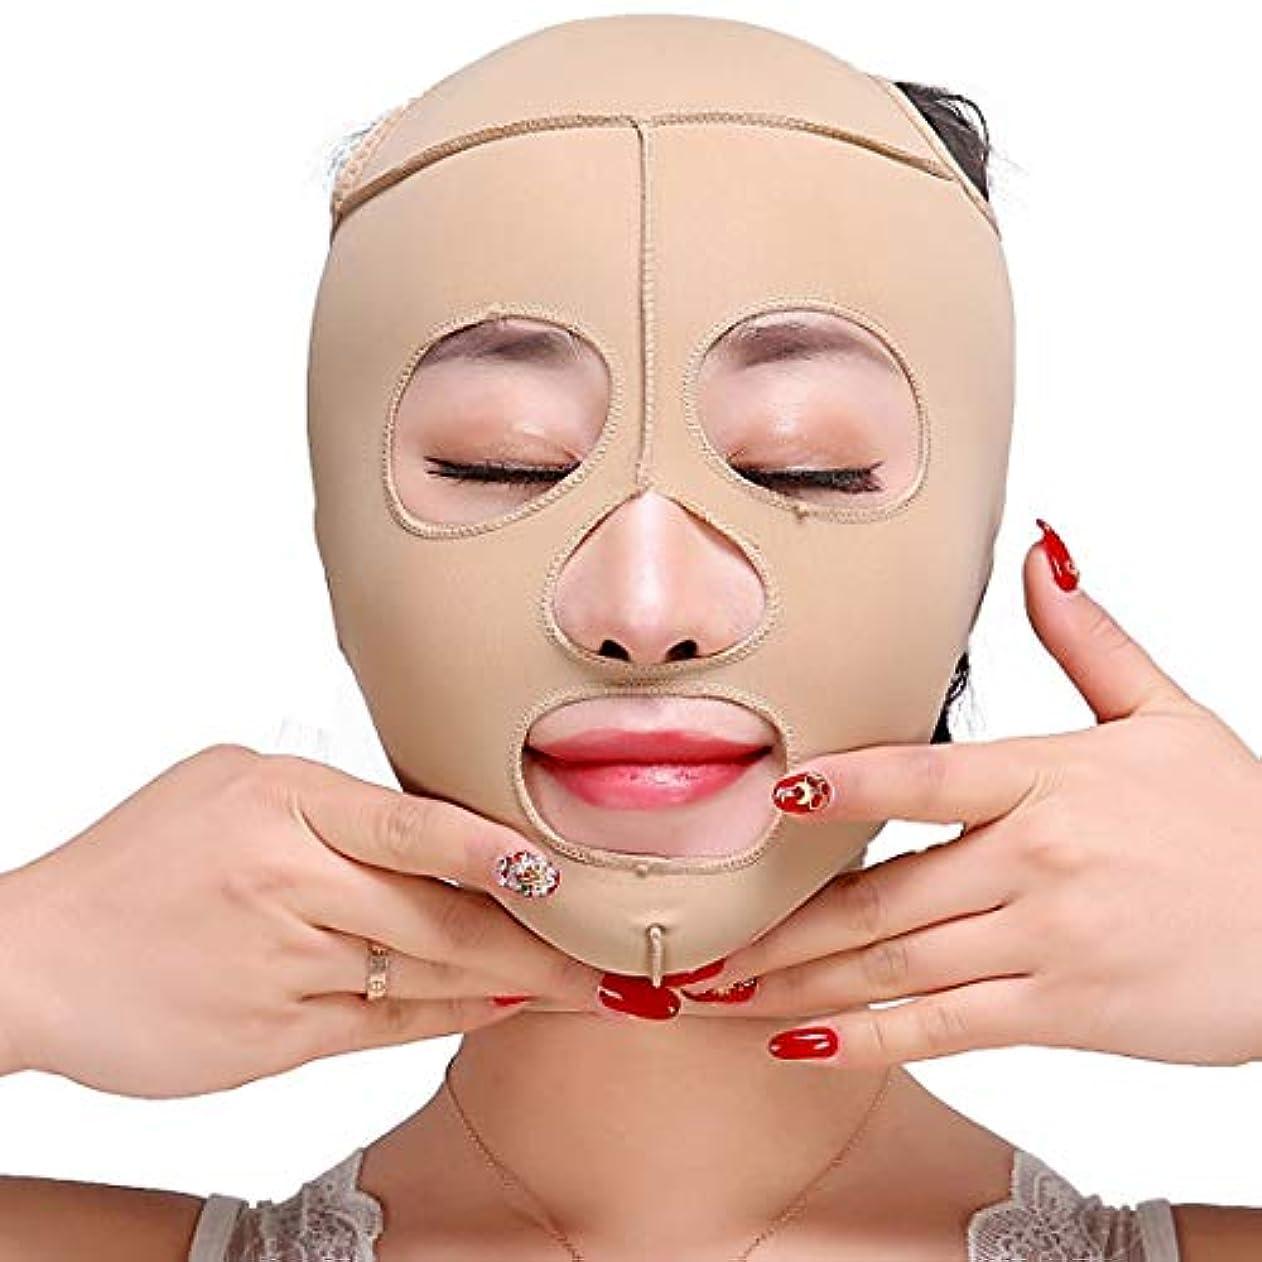 勧告ゴシップピケZWBD フェイスマスク, フェイスリフティング包帯Vフェイスリフティングと締め付けフェイスリフティングマスクラインカービングヘッドカバー術後回復顔整形包帯